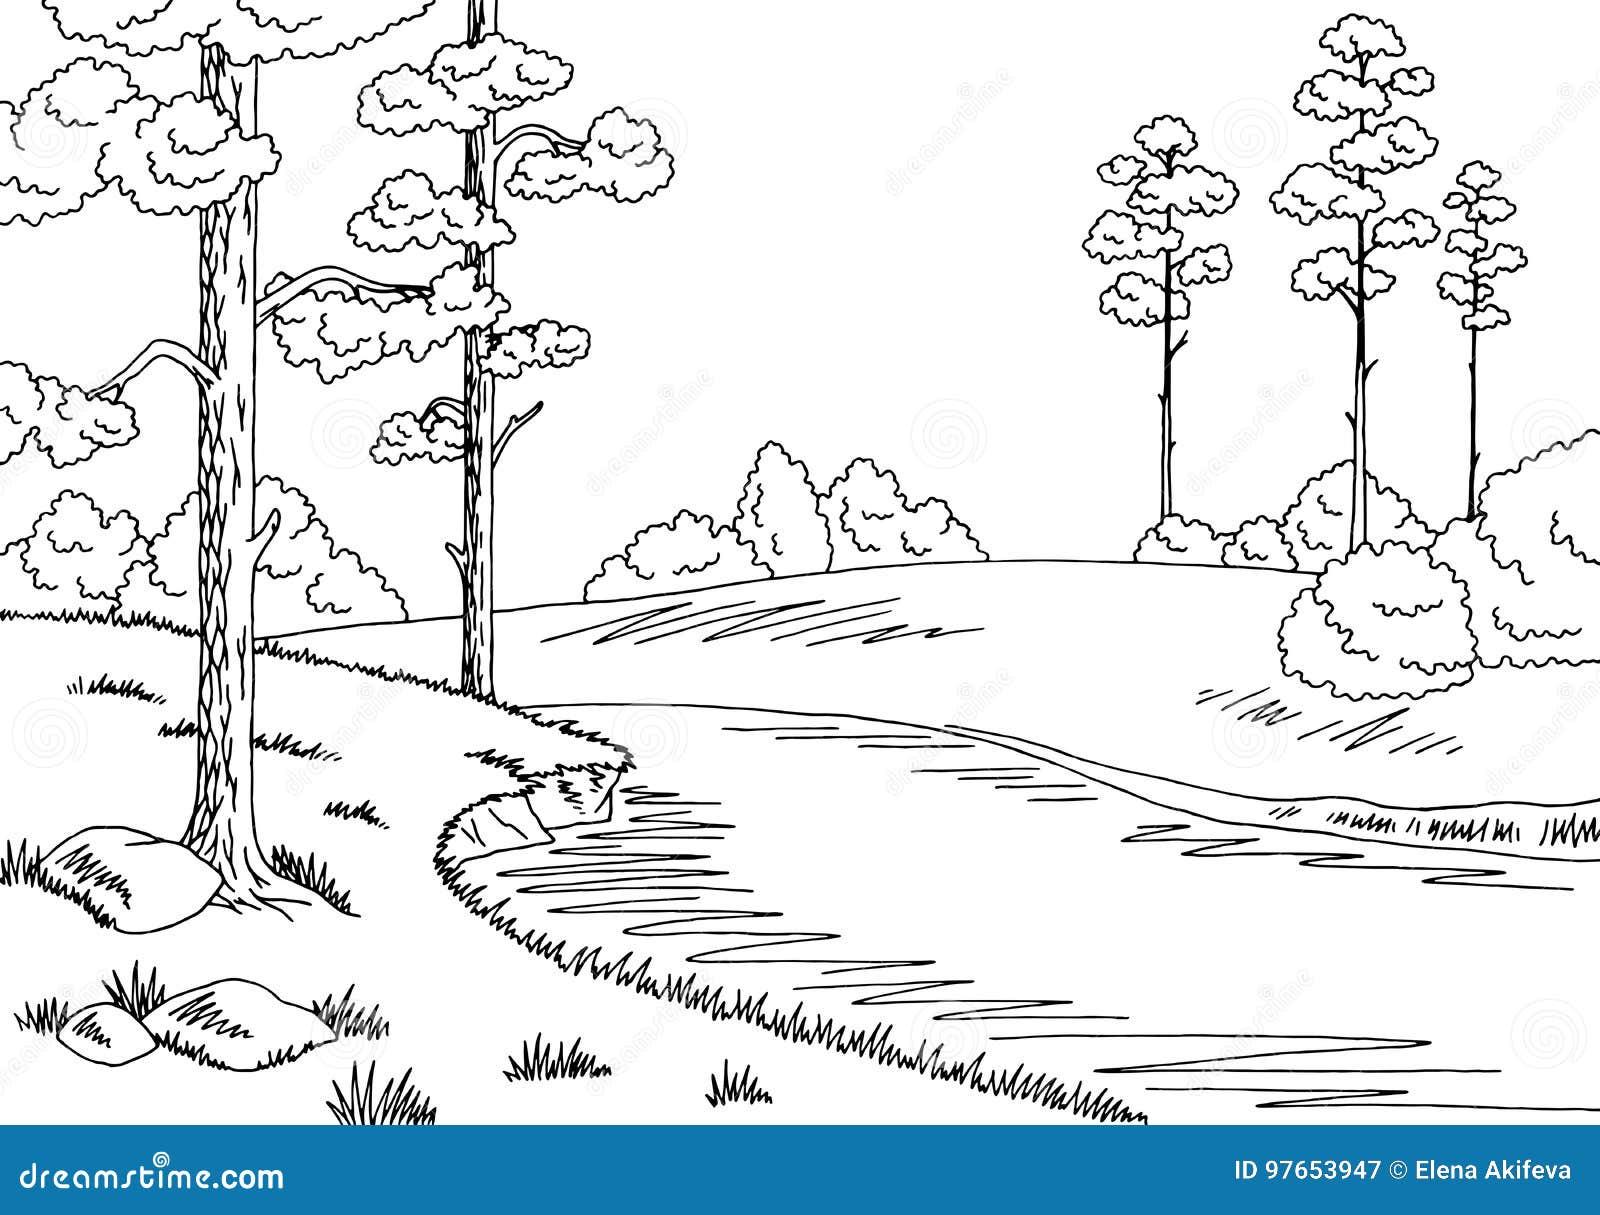 Δασική απεικόνιση σκίτσων τοπίων ποταμών γραφική μαύρη άσπρη